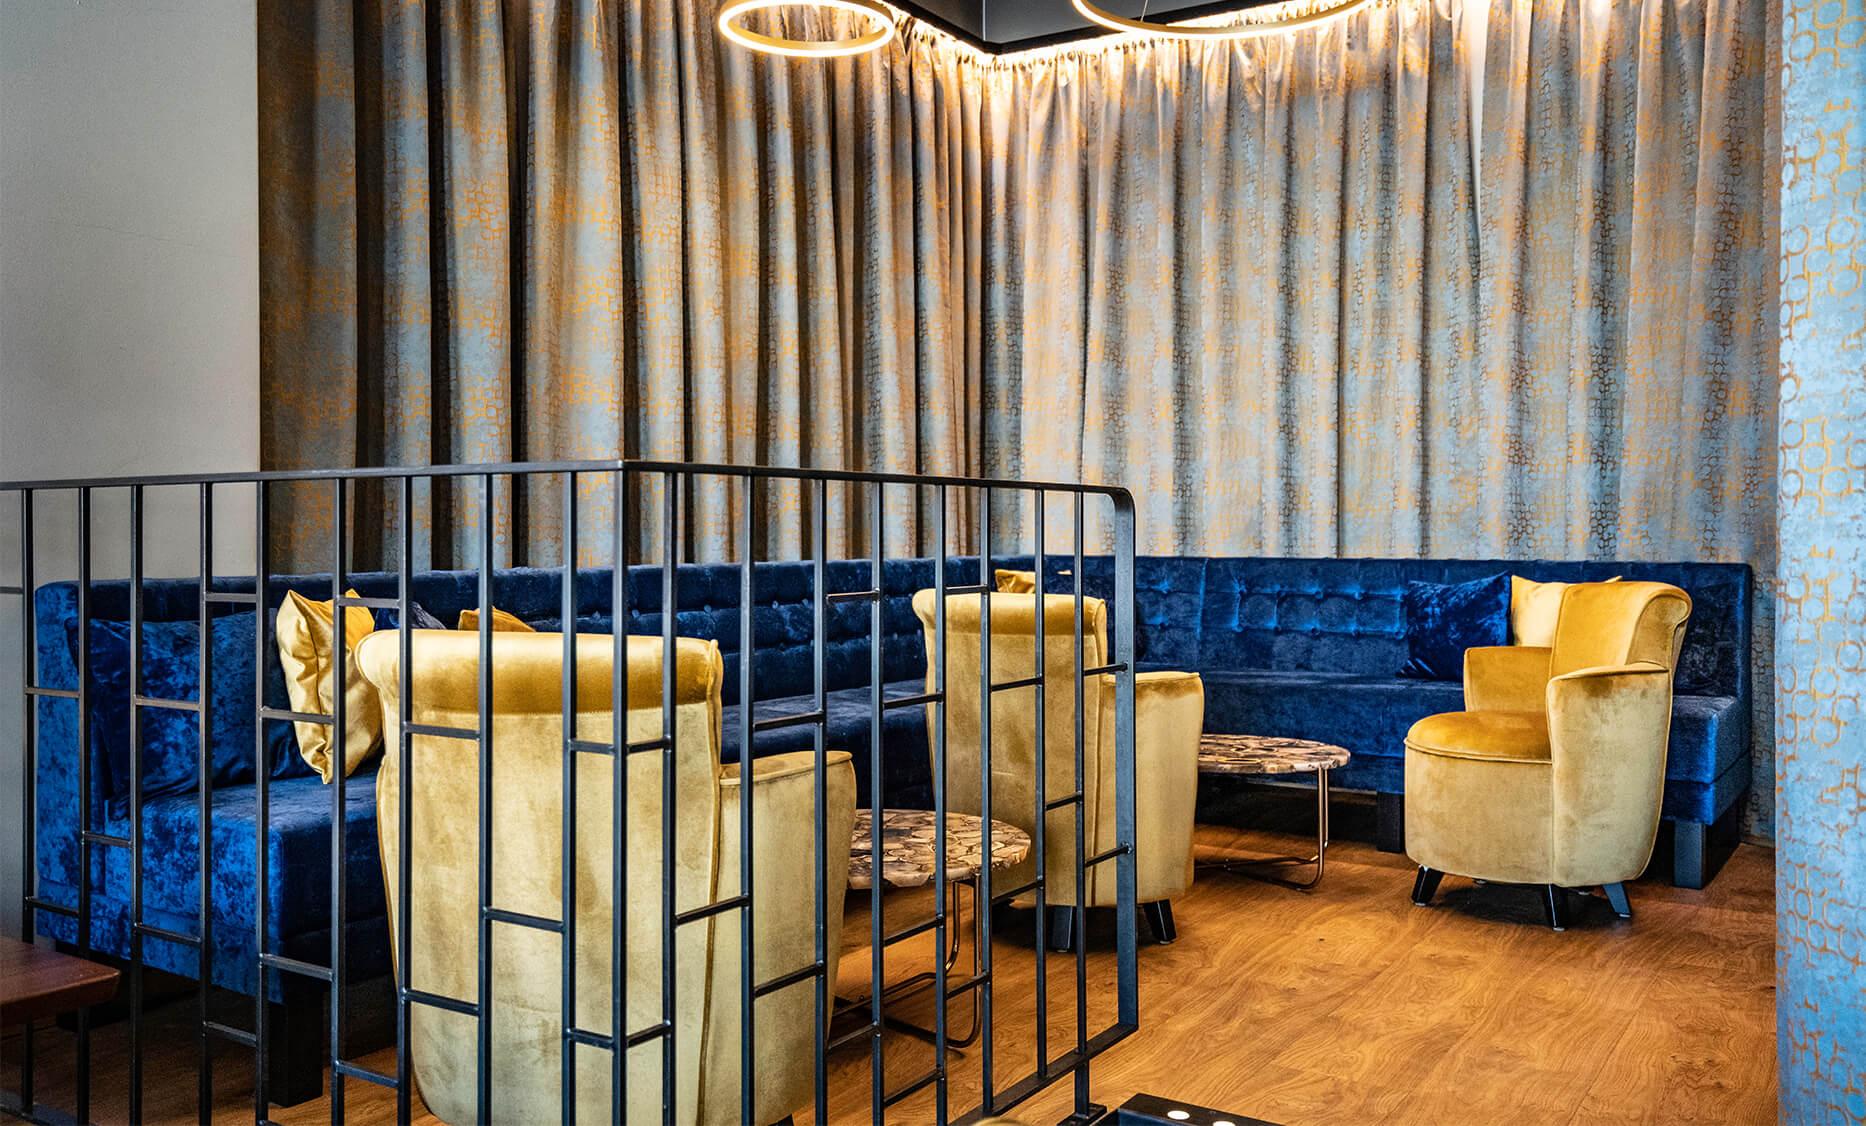 Ring de Lounge in Wien - Lounge Bereich mit gemütlichen kleinen Sitzhockern umrahmt mit einer Royalblauen Sofa Bank. Leuchtringe an der Decke sowie die indirekte Beleuchtung des Vorhangs verleihen der Lounge eine gemütliche Atmosphäre. Einrichtung von der id Werkstatt